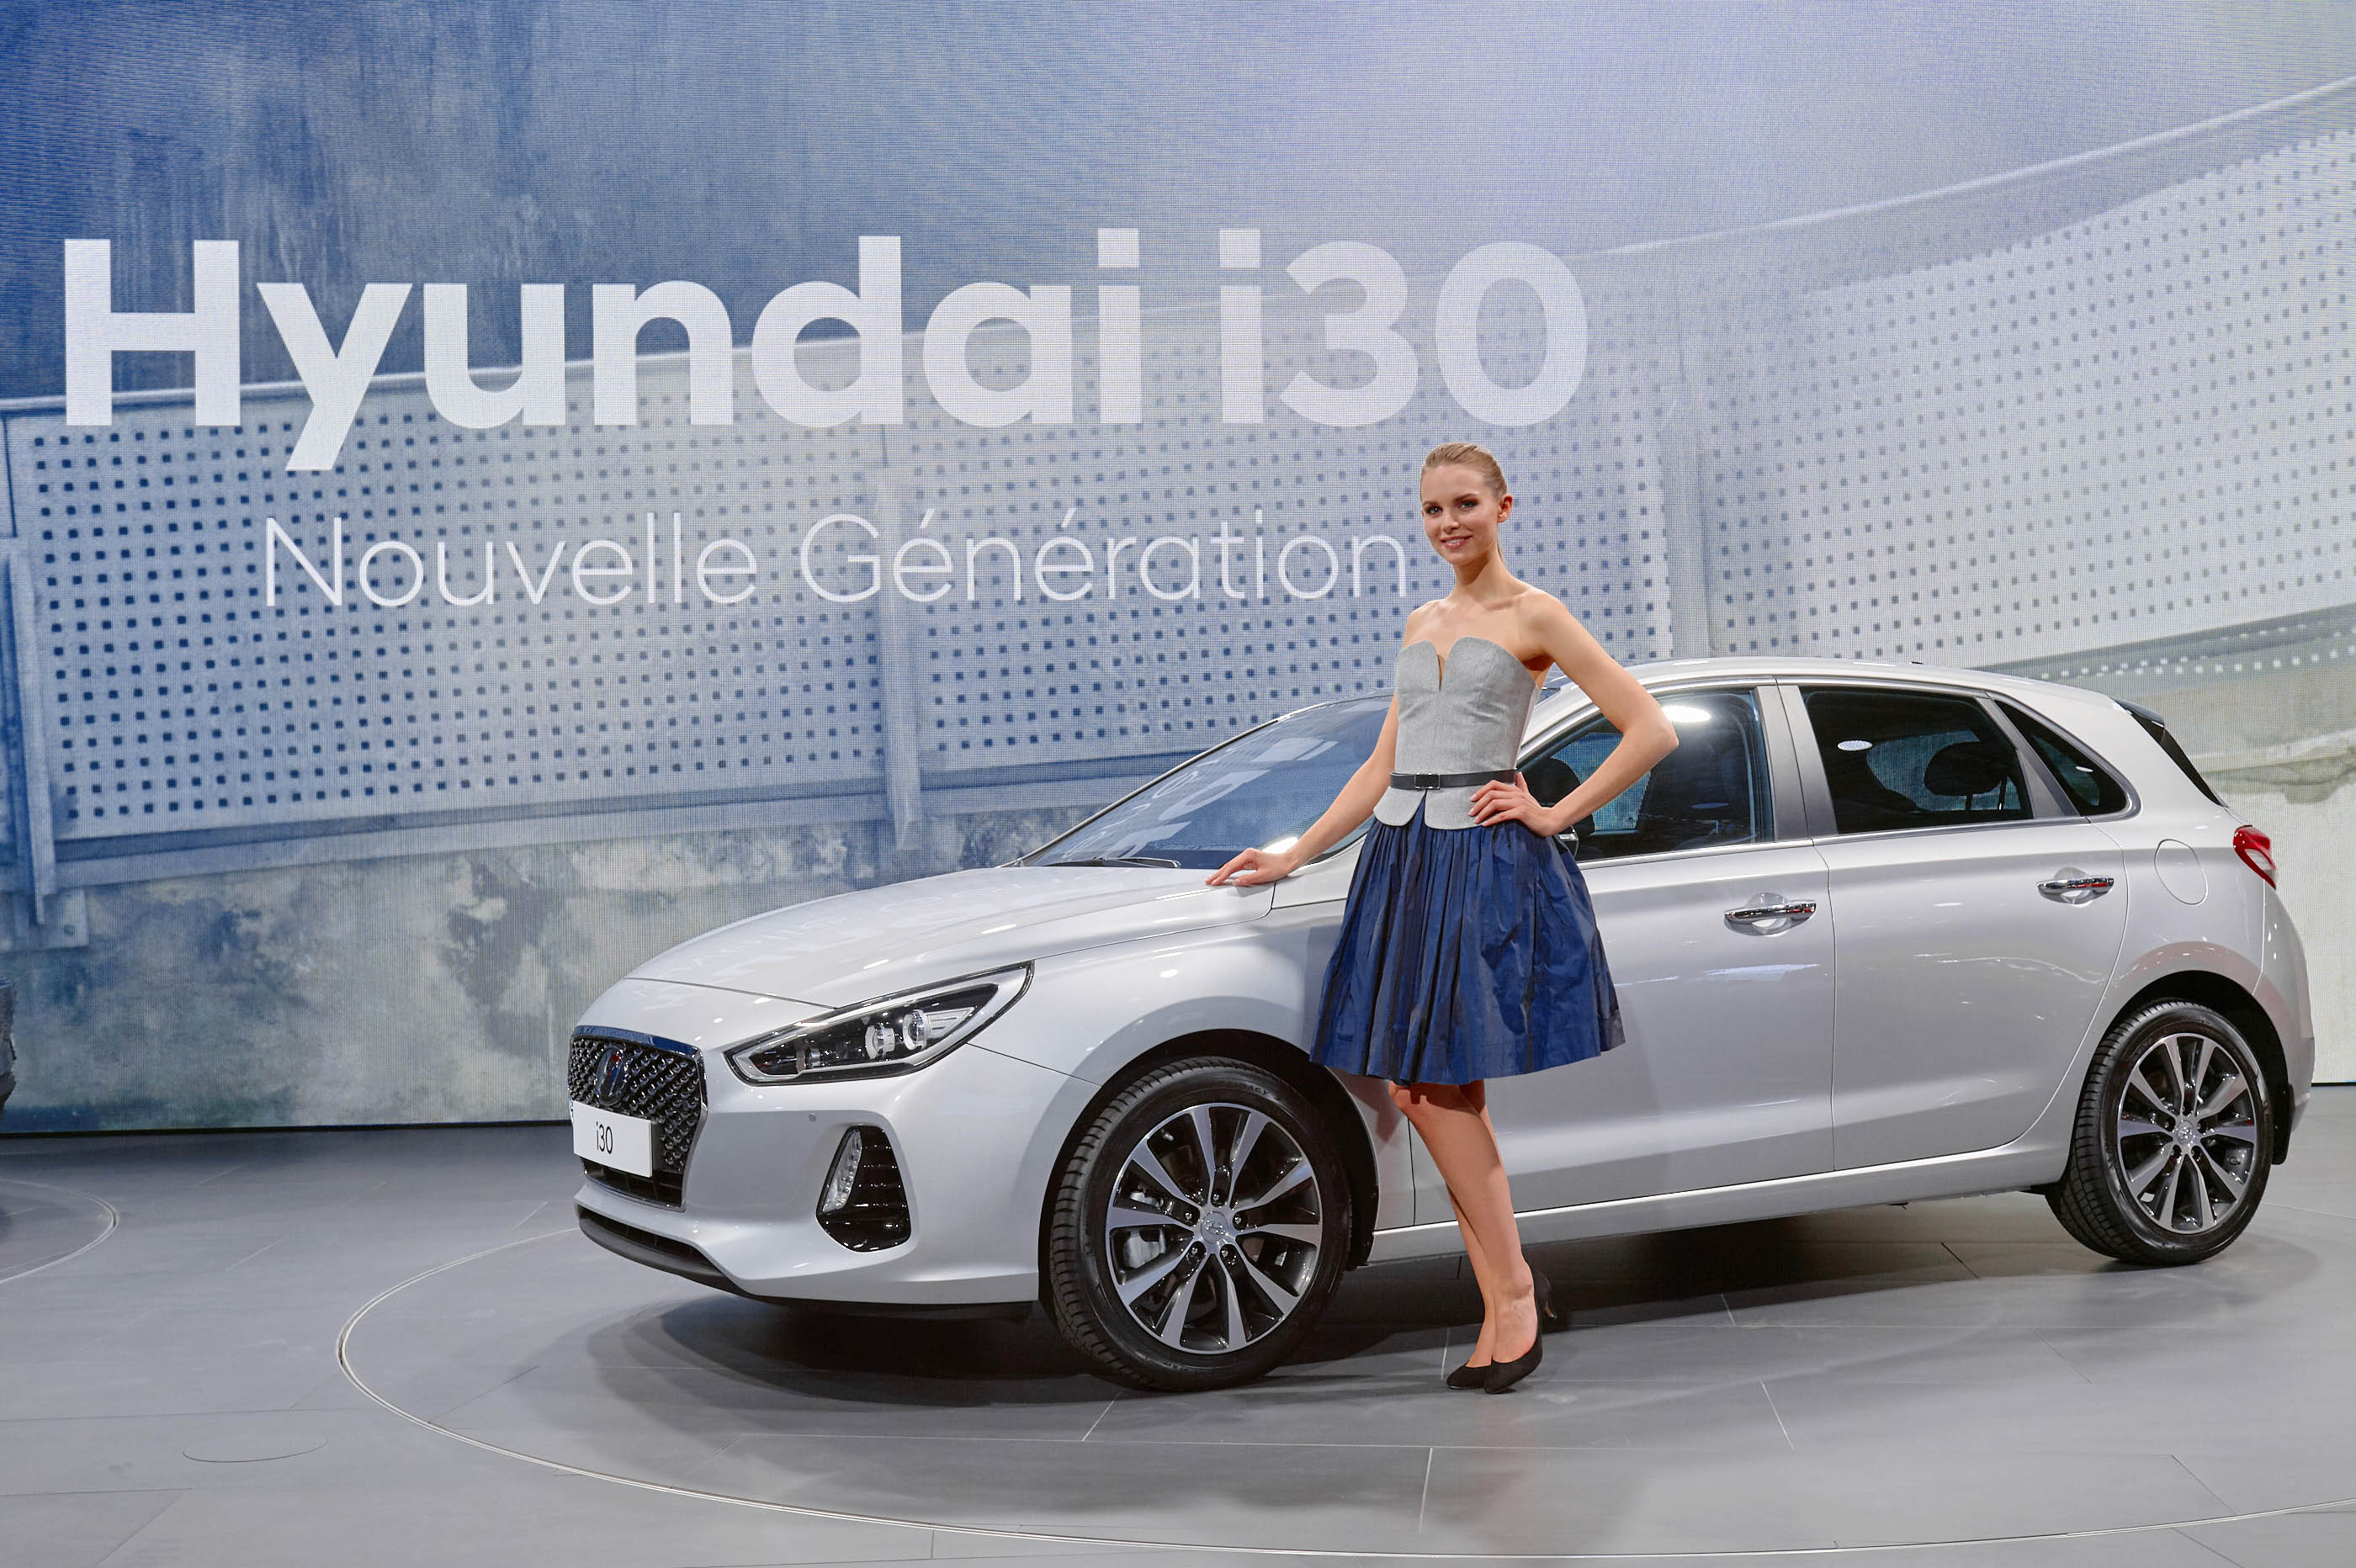 Hyundai Press Conference 2016